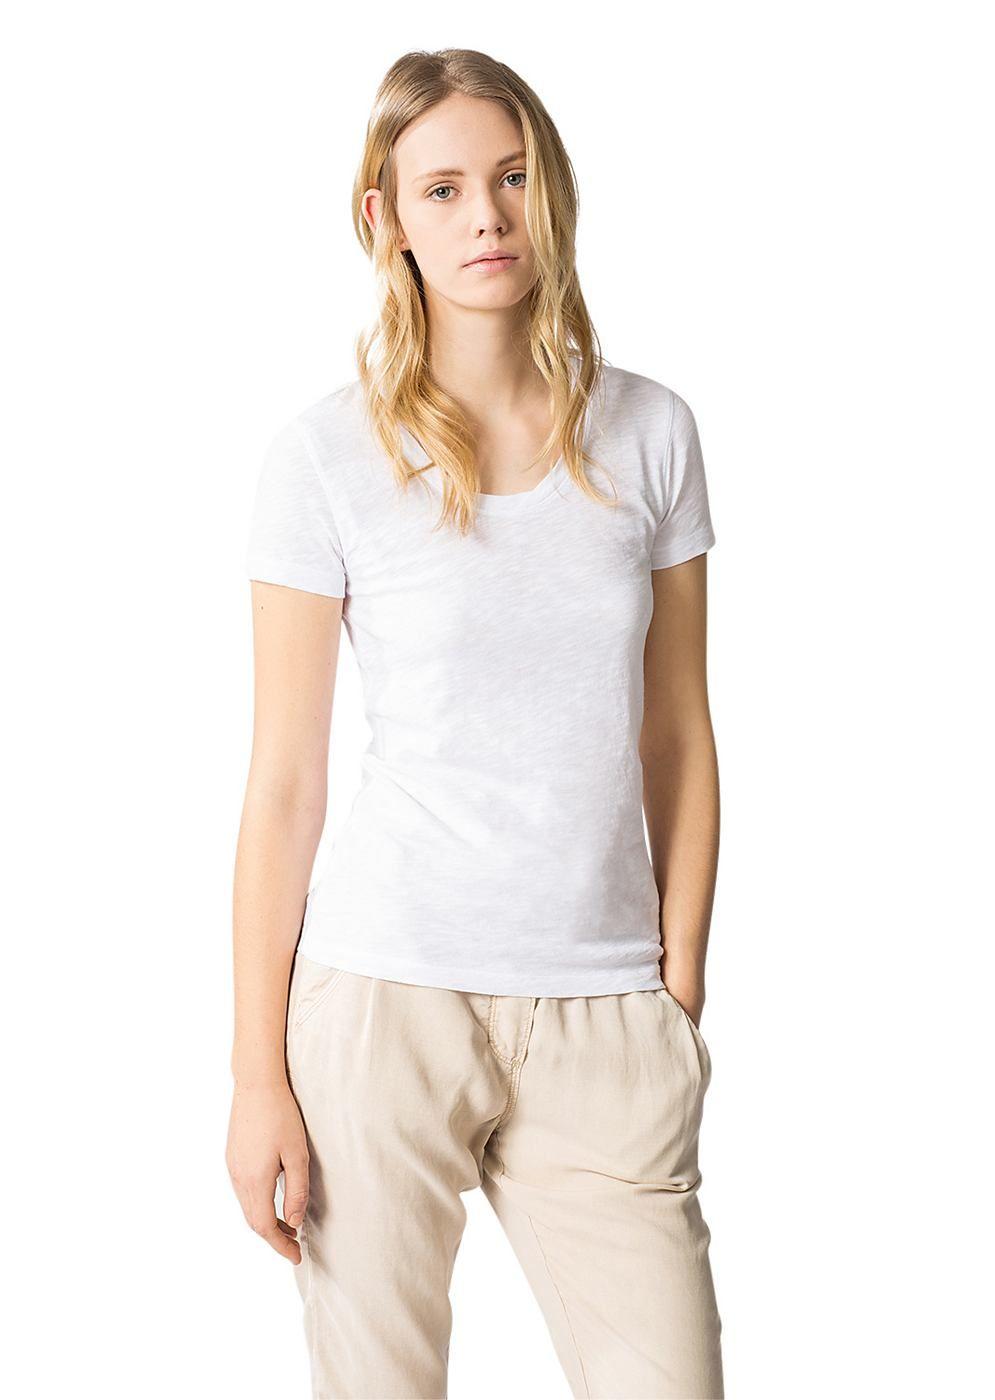 Ein bequemes Basic-Shirt in einer angenehm weichen und leicht gearbeiteten Jersey-Qualität. Der schön ausgearbeitete Rundhalsausschnitt prägt die tolle Optik des Langarmshirts. Aus 100% Baumwolle....